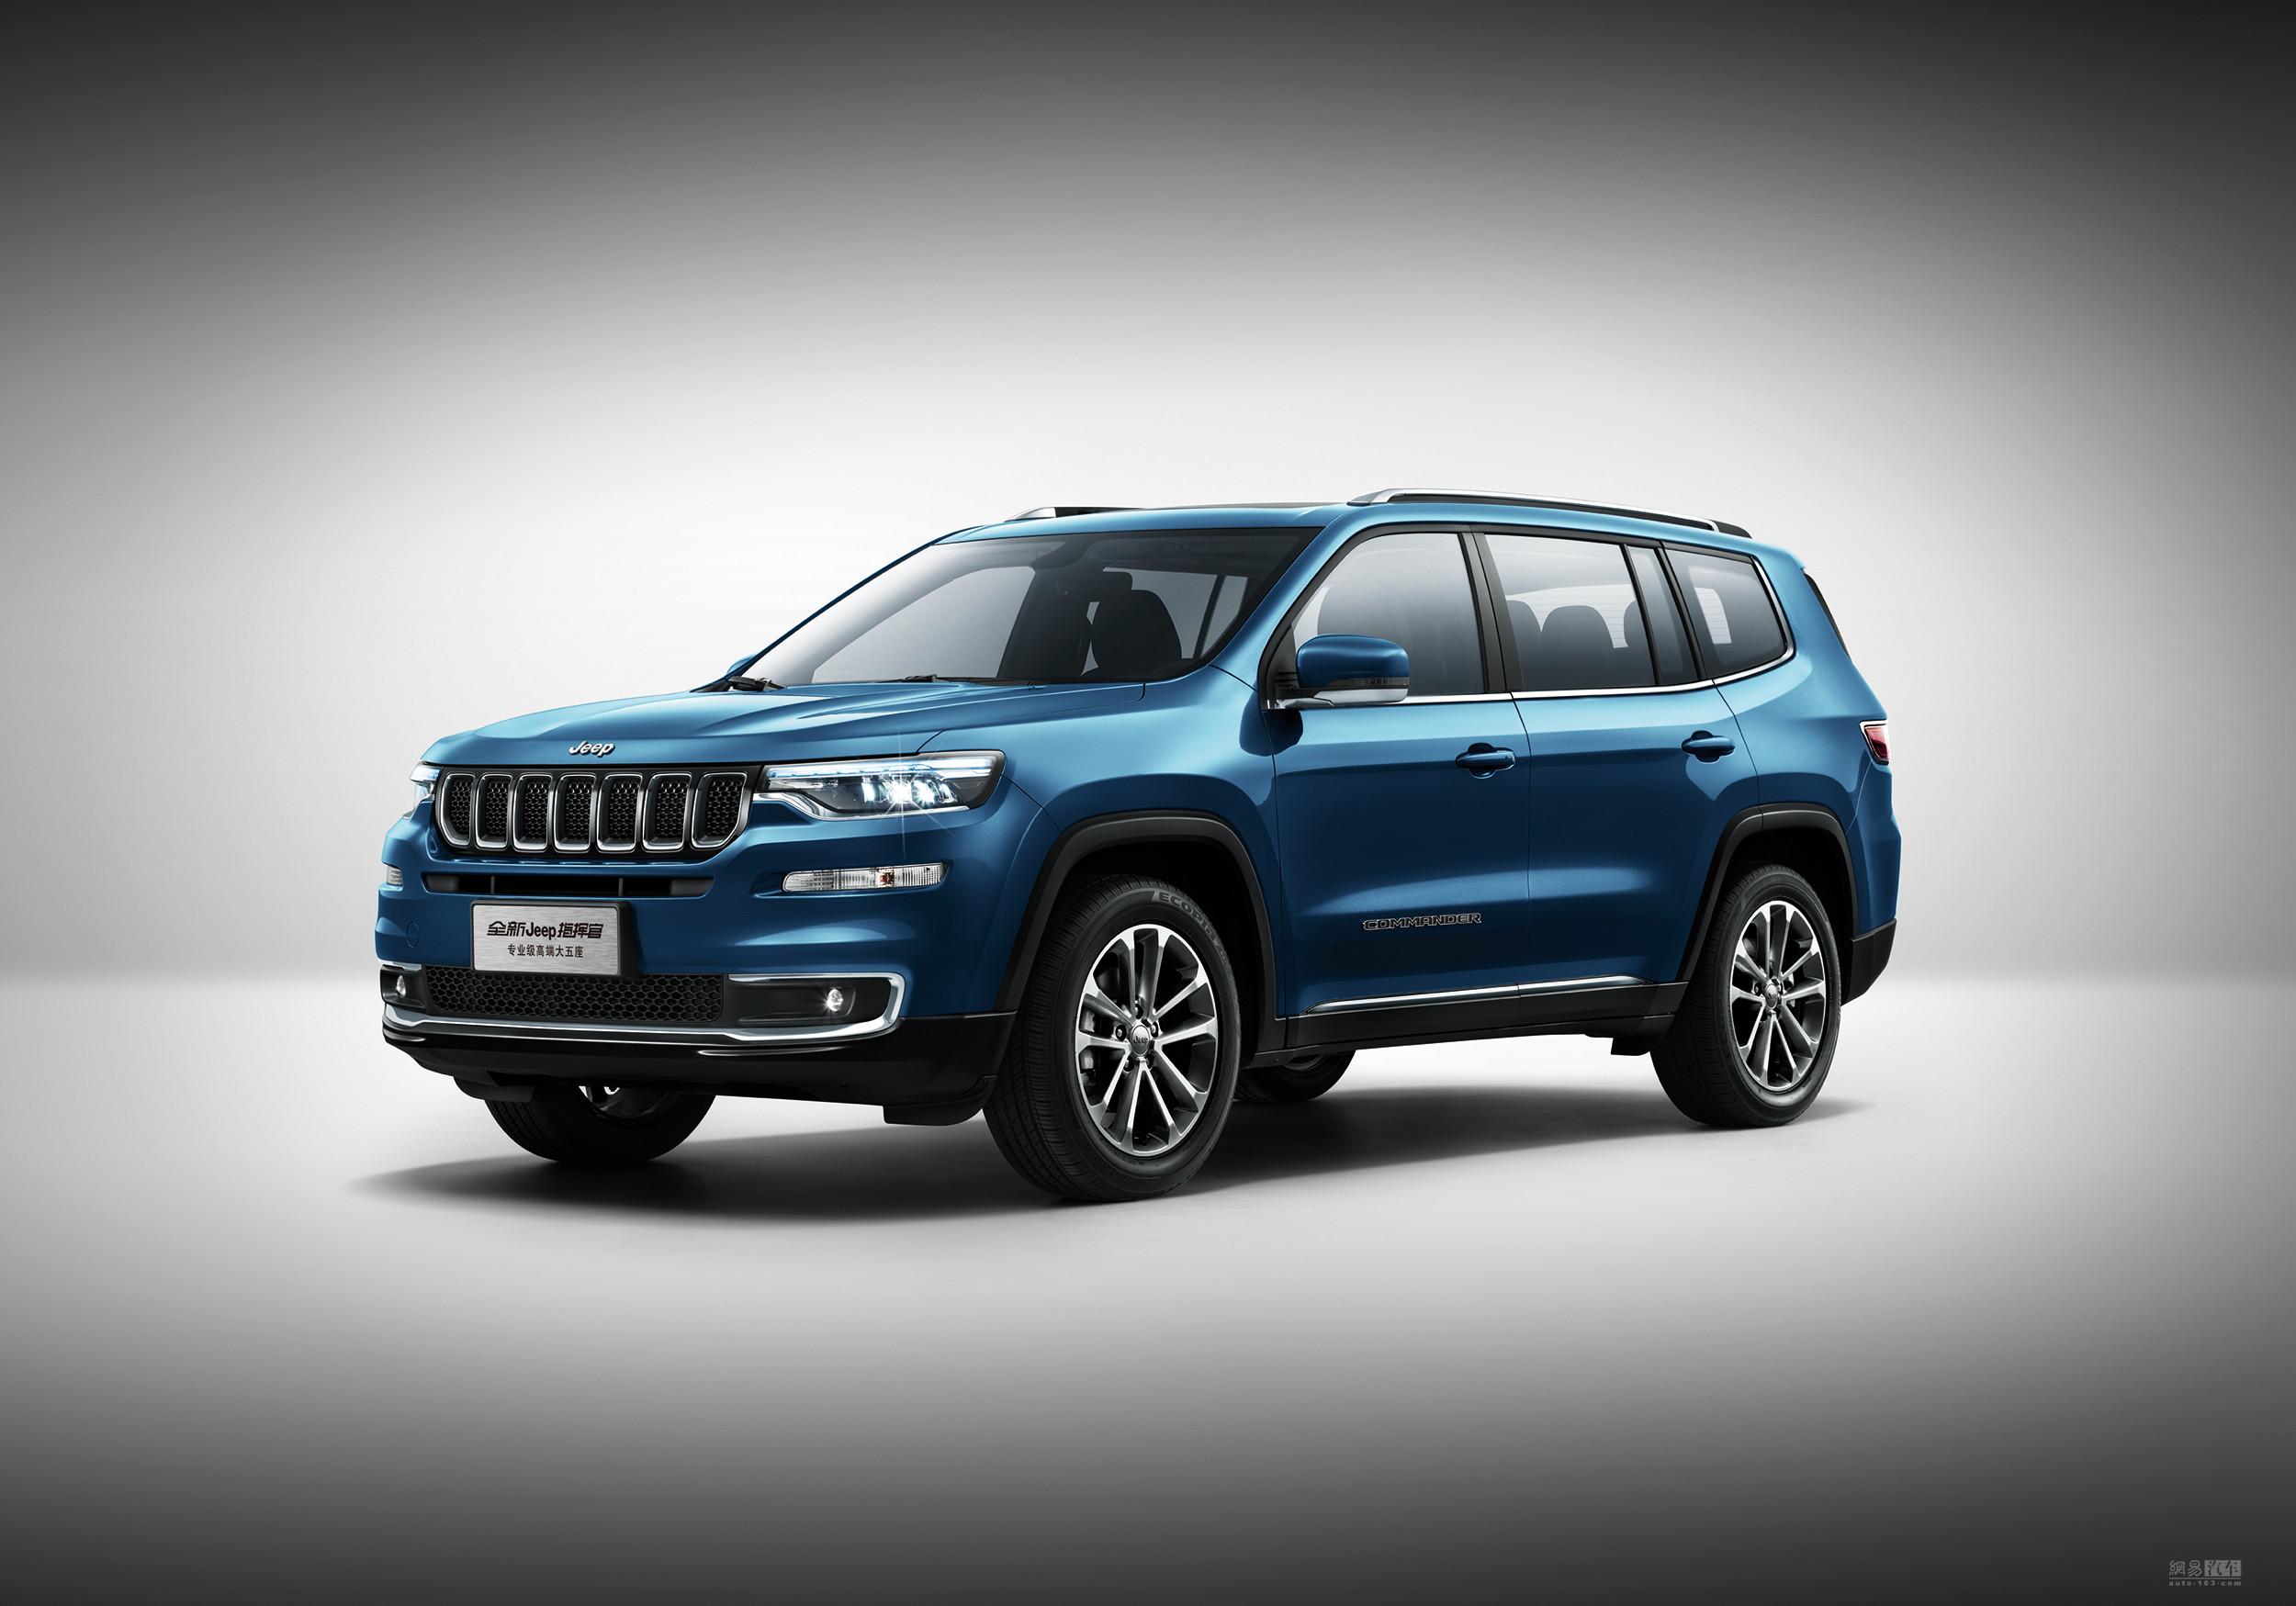 5款车型  Jeep指挥官售25.98-31.58万元